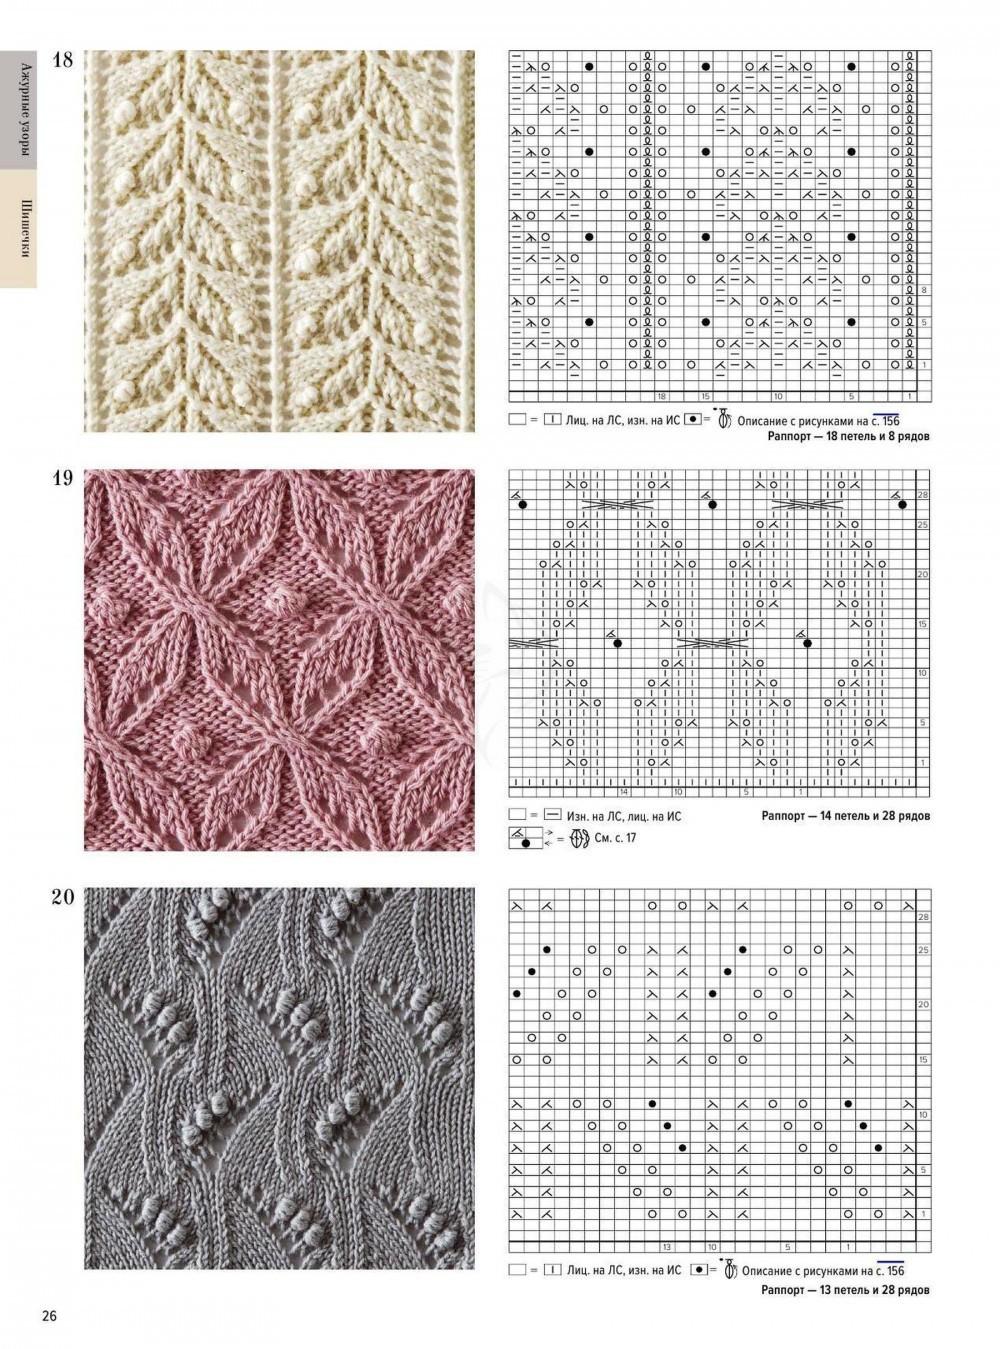 схемы вязания спицами узоров с описанием